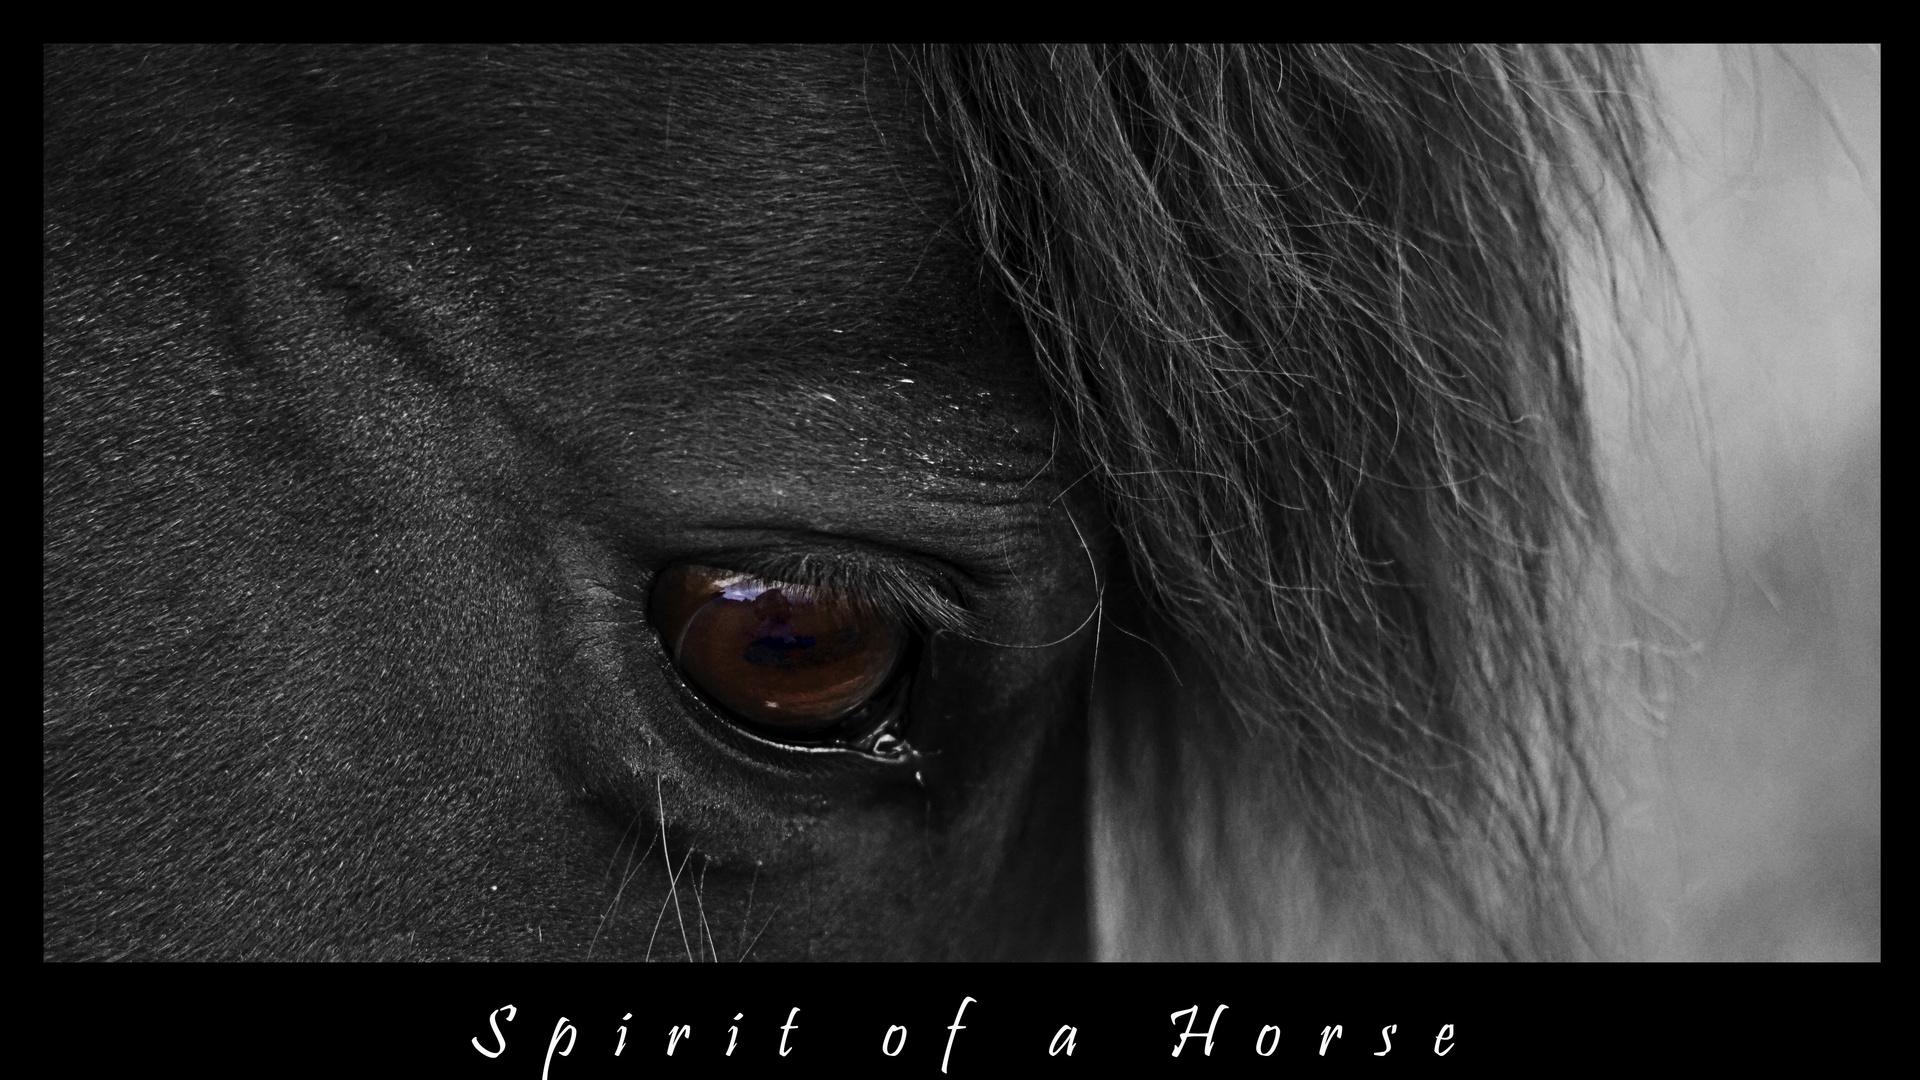 Spirit of a Horse